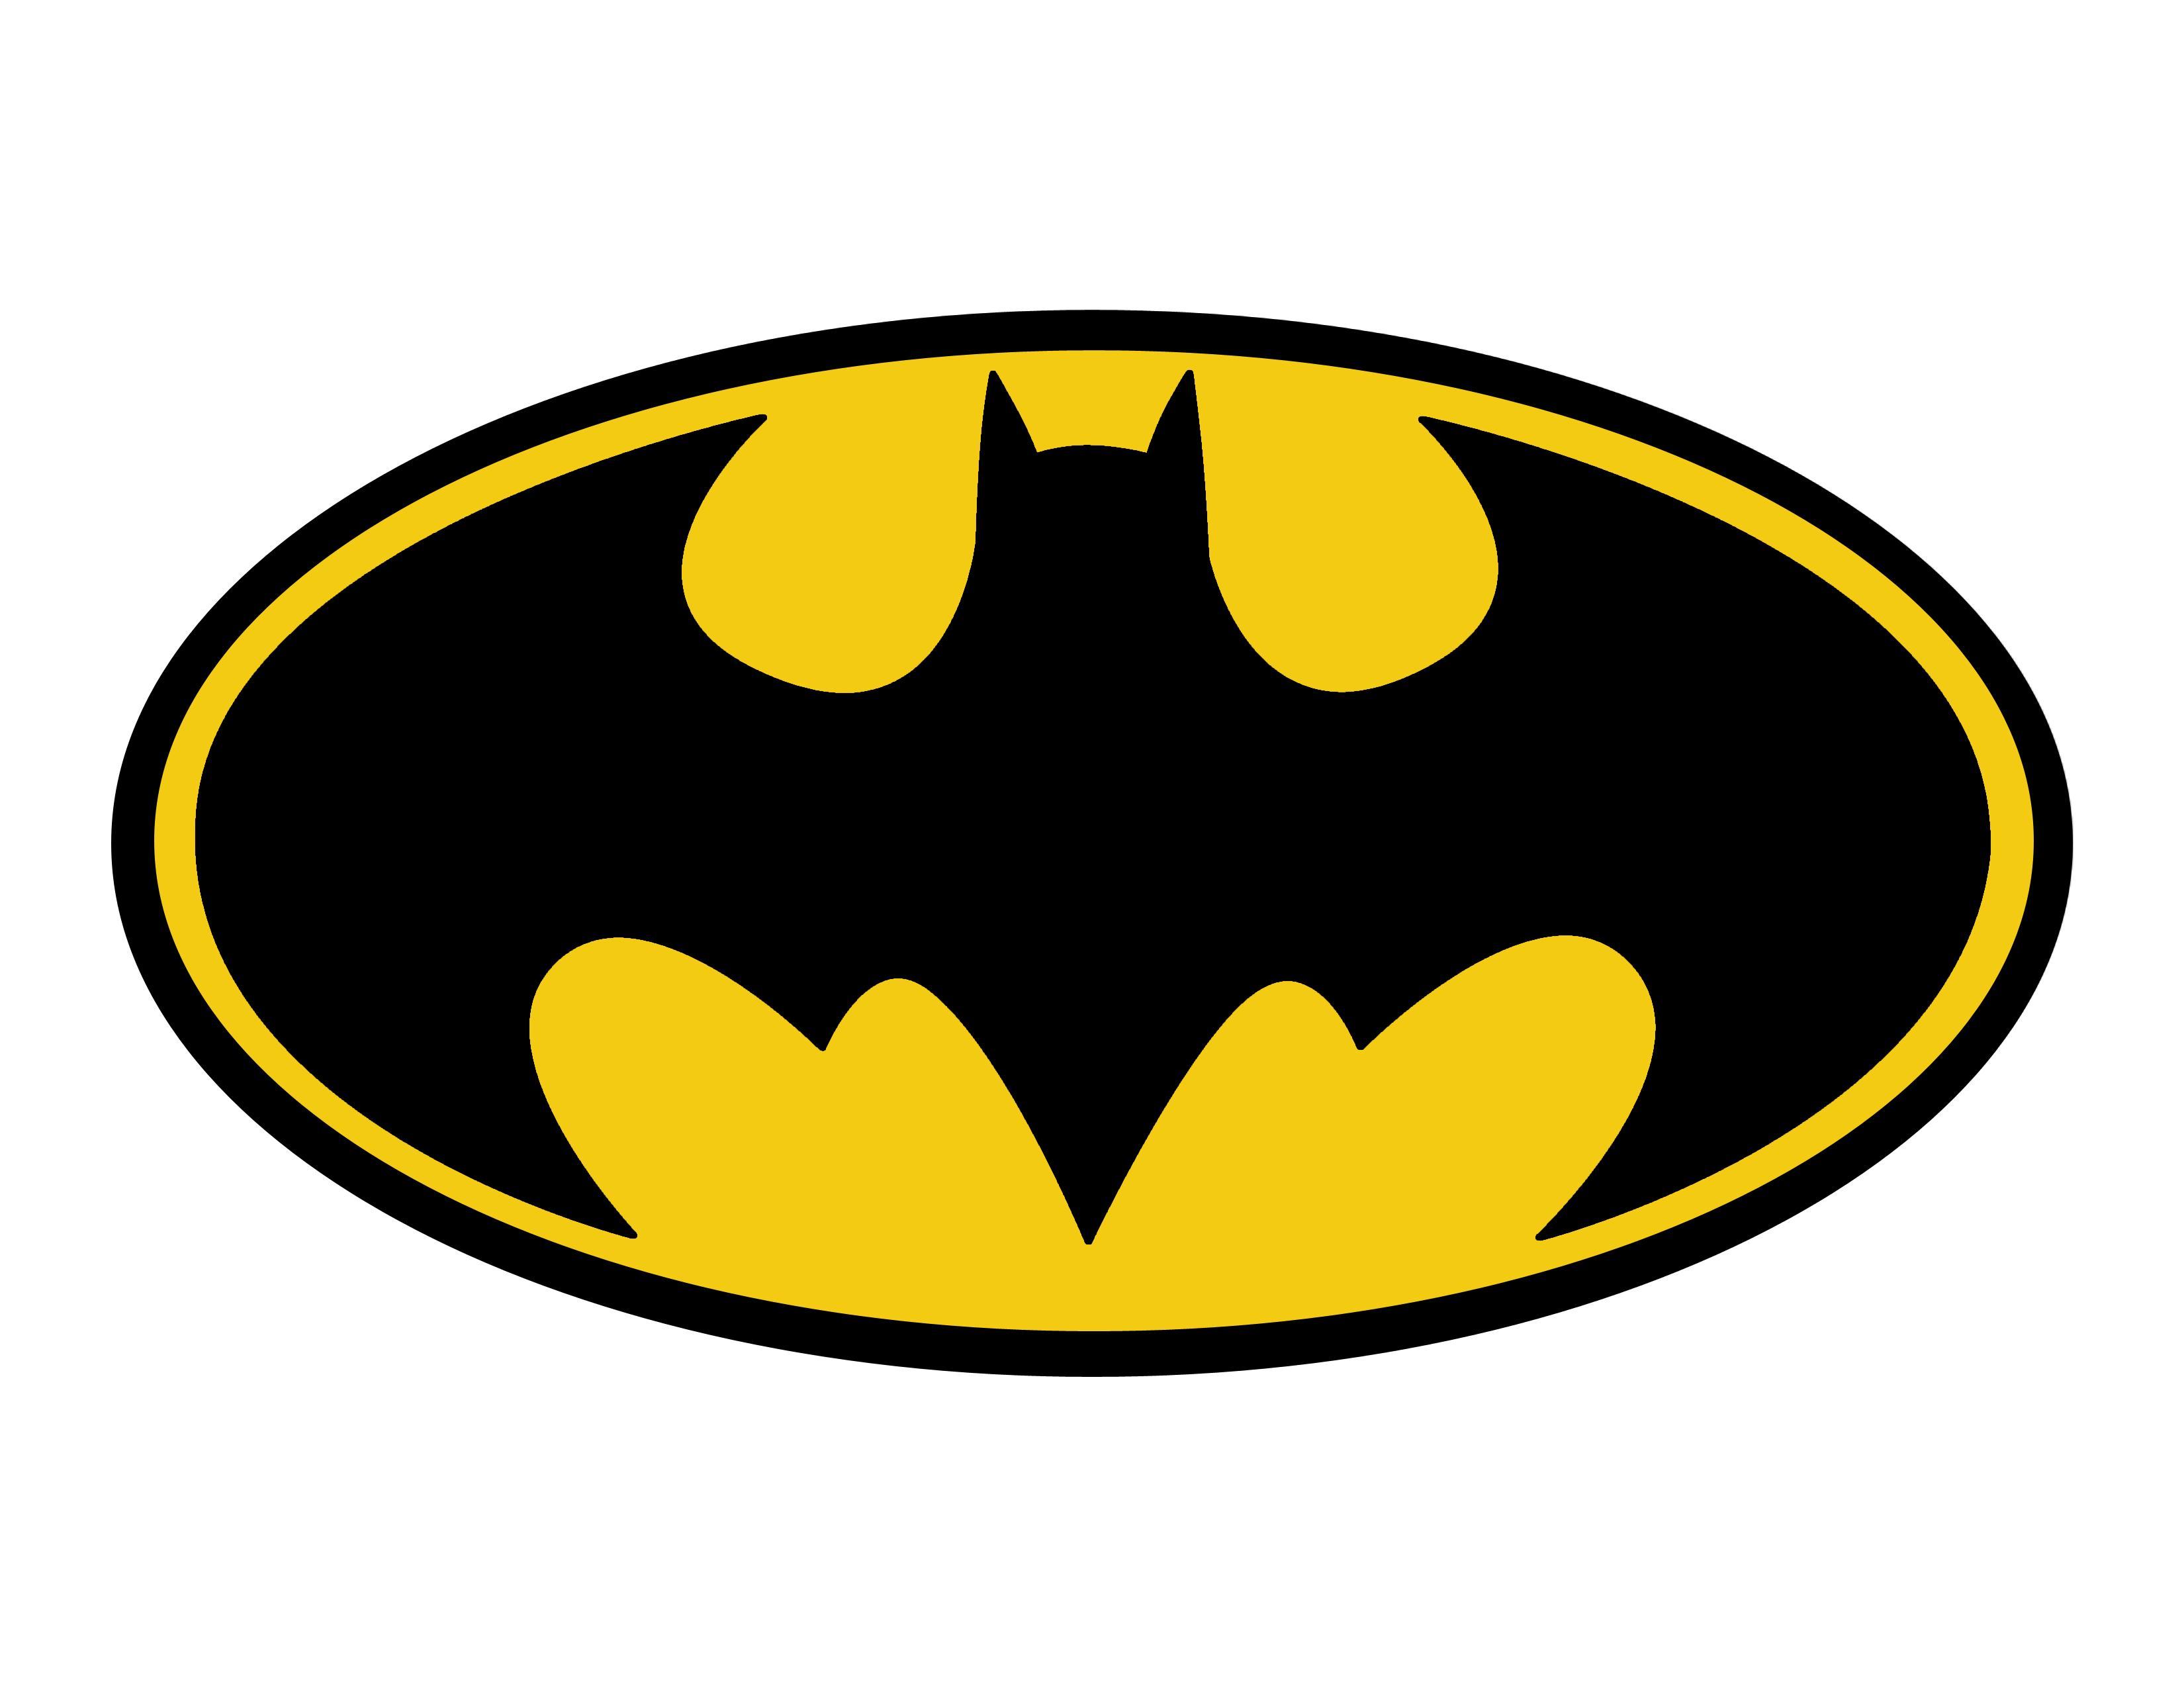 Logo De Batman Png Clipart Best: batman symbol